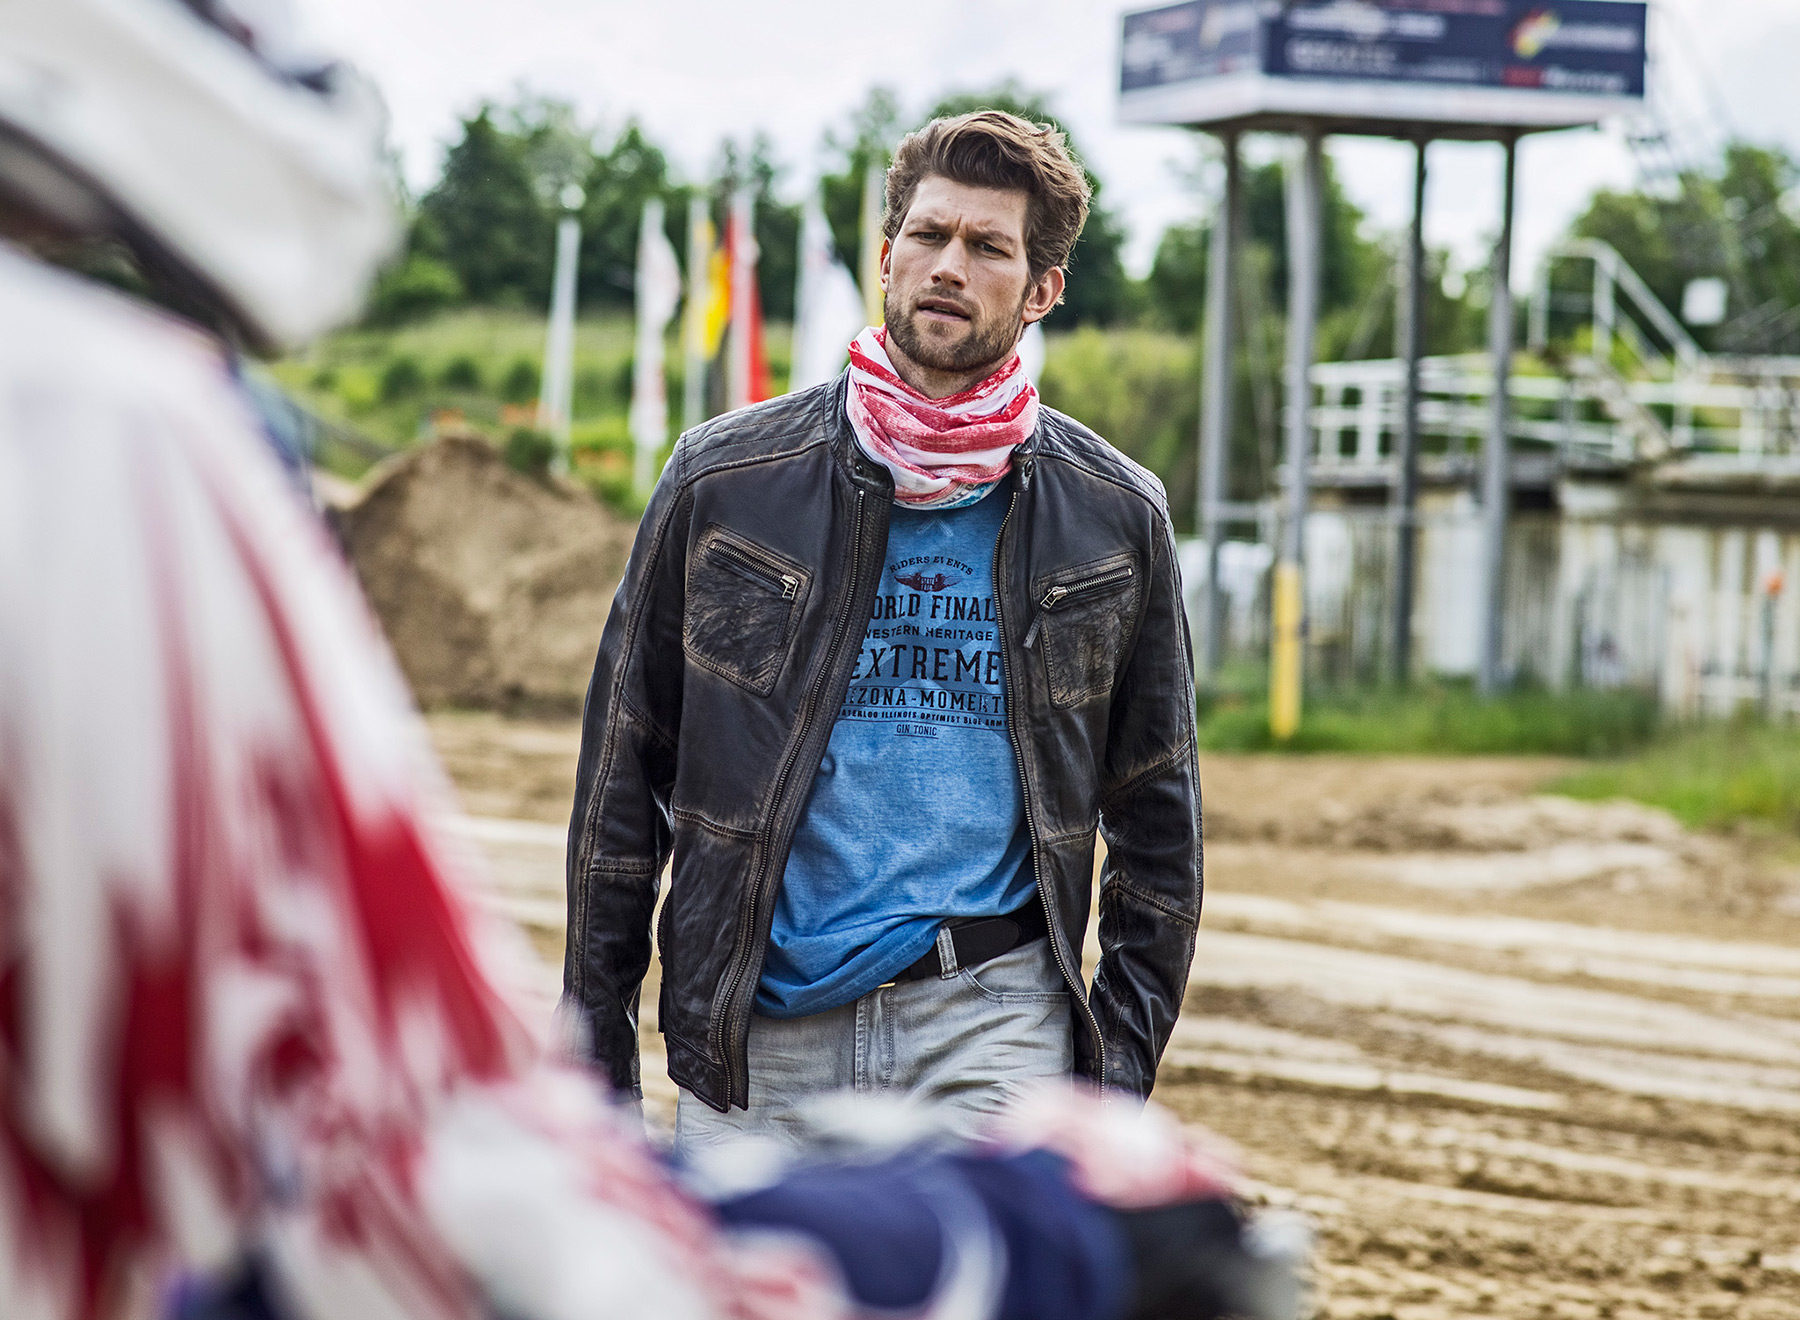 11.GinTonic-Motocross-Christoph-Gramann